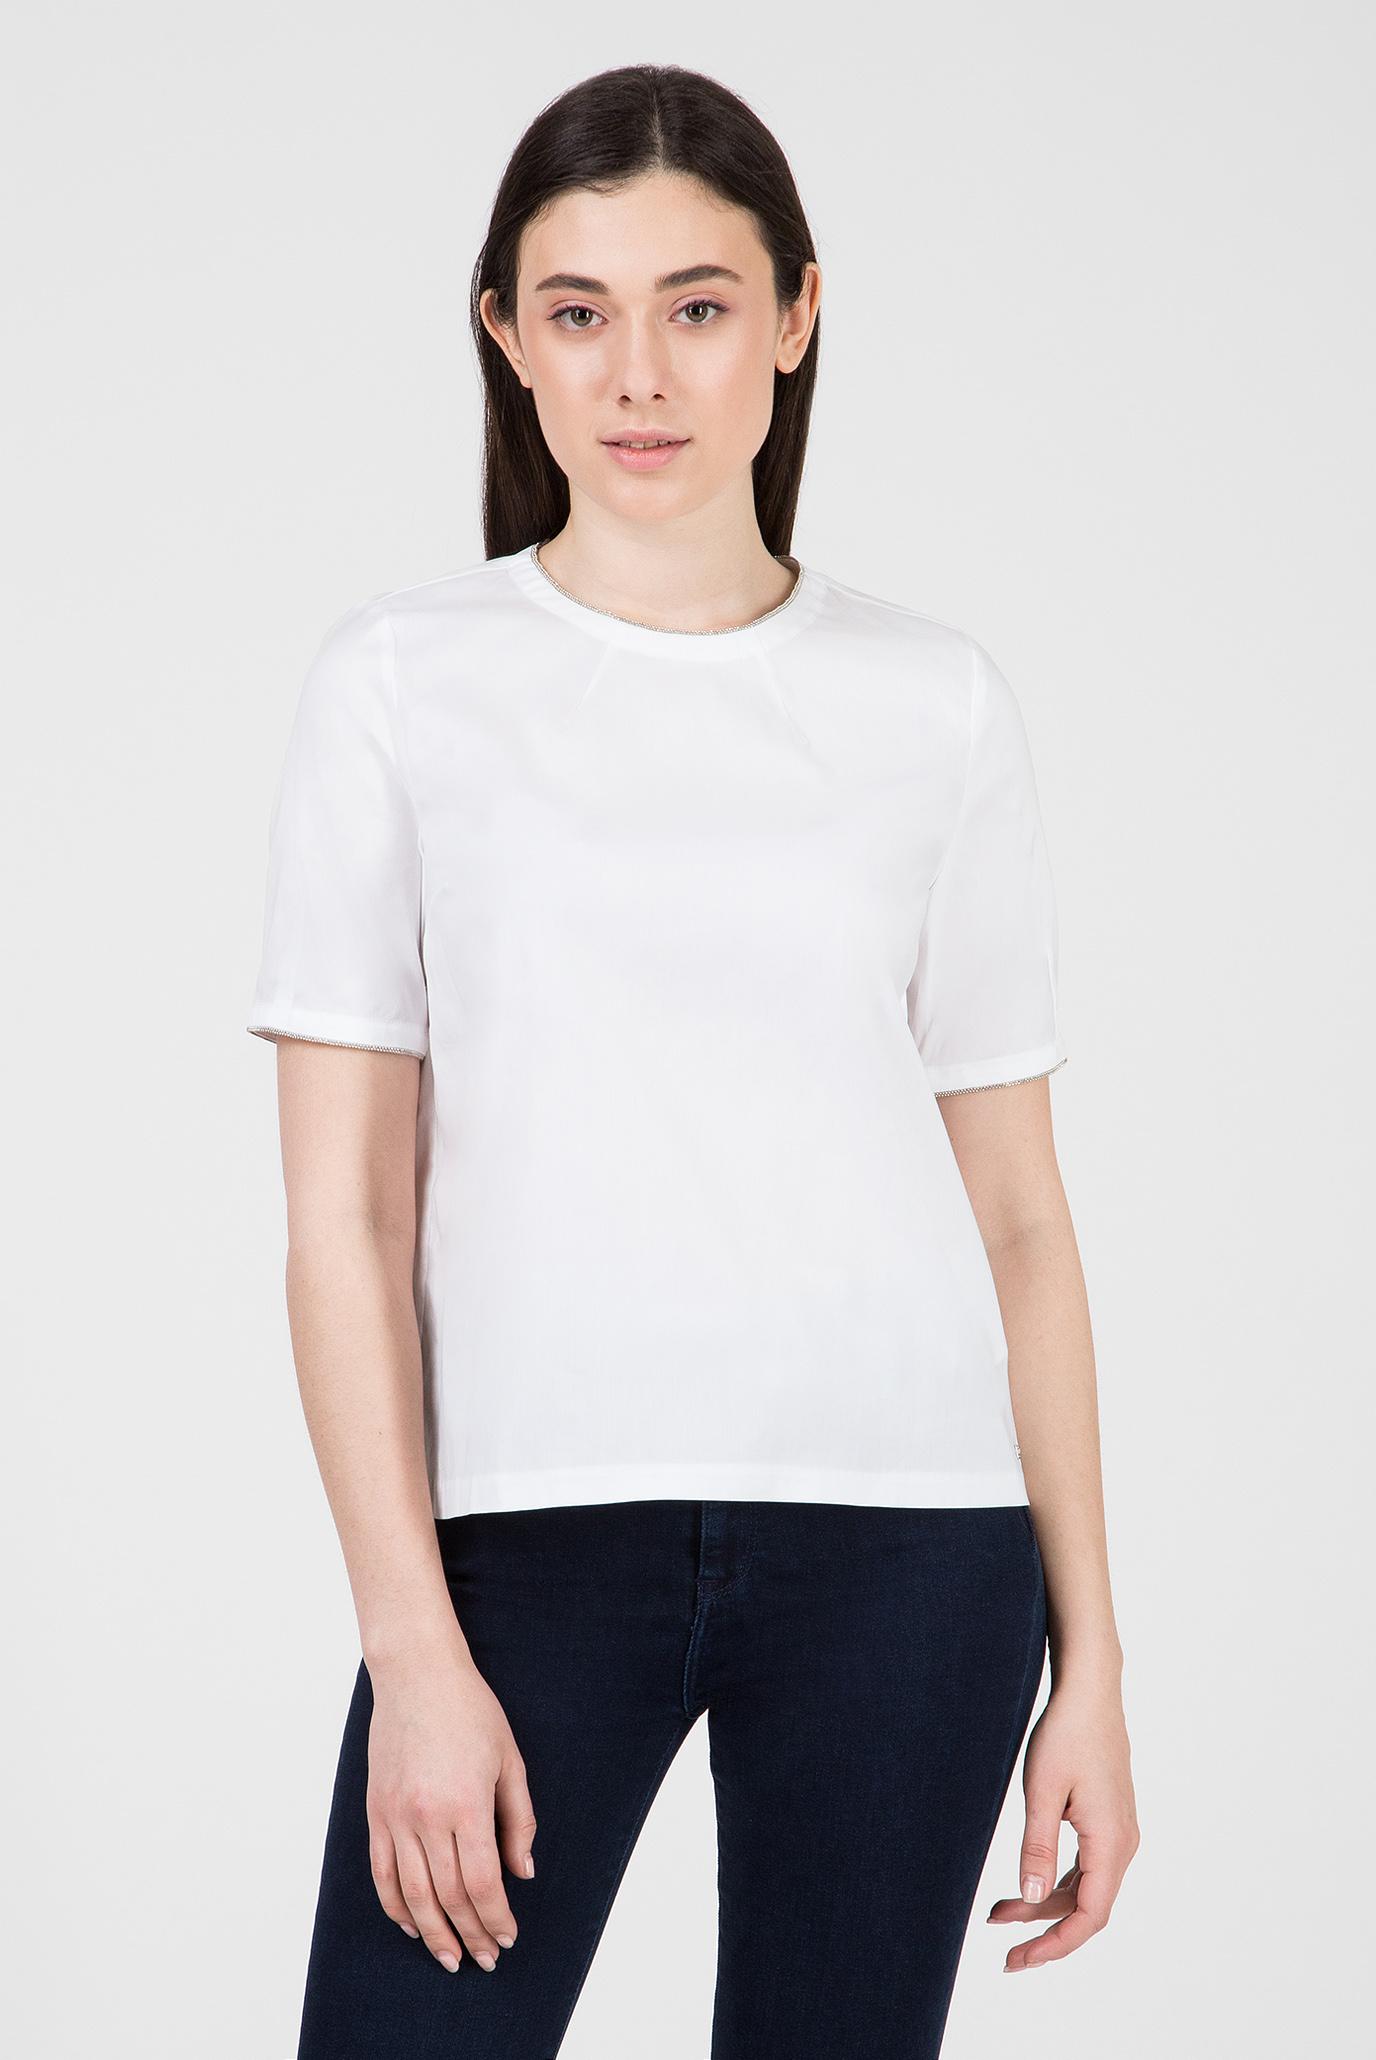 Купить Женская белая блуза LOLA Tommy Hilfiger Tommy Hilfiger WW0WW23972 – Киев, Украина. Цены в интернет магазине MD Fashion